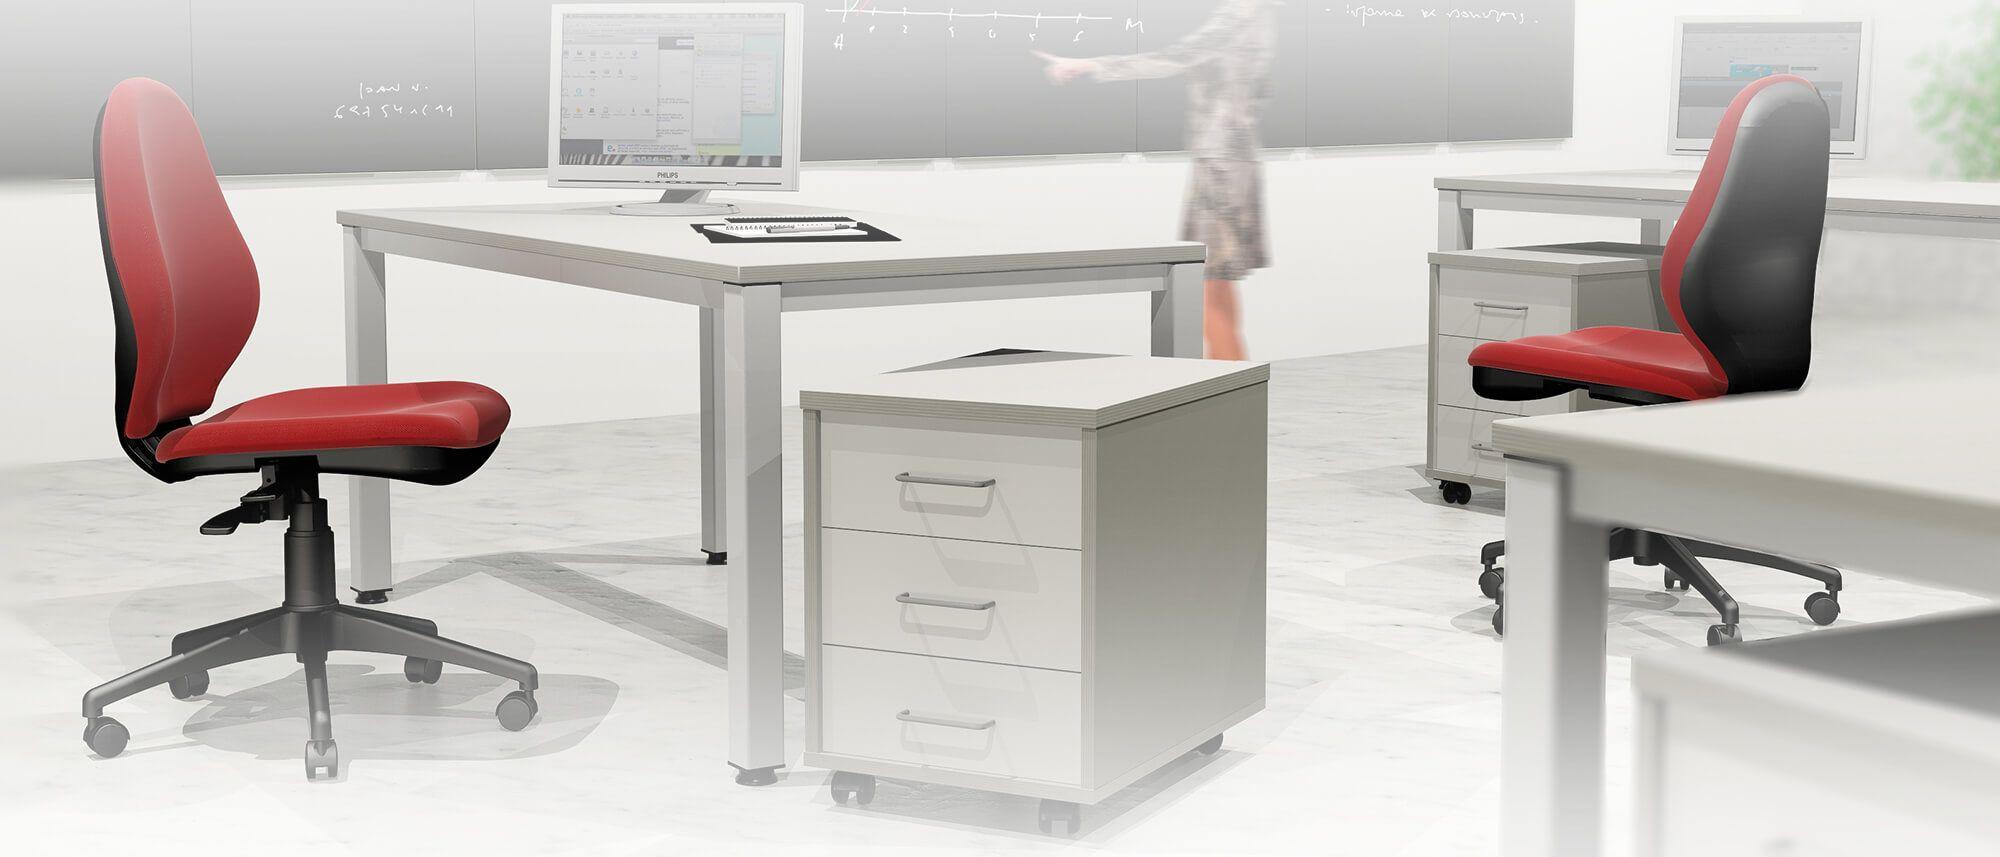 Empresas de muebles en espaa cheap maison u objet cita en - Empresas de muebles ...